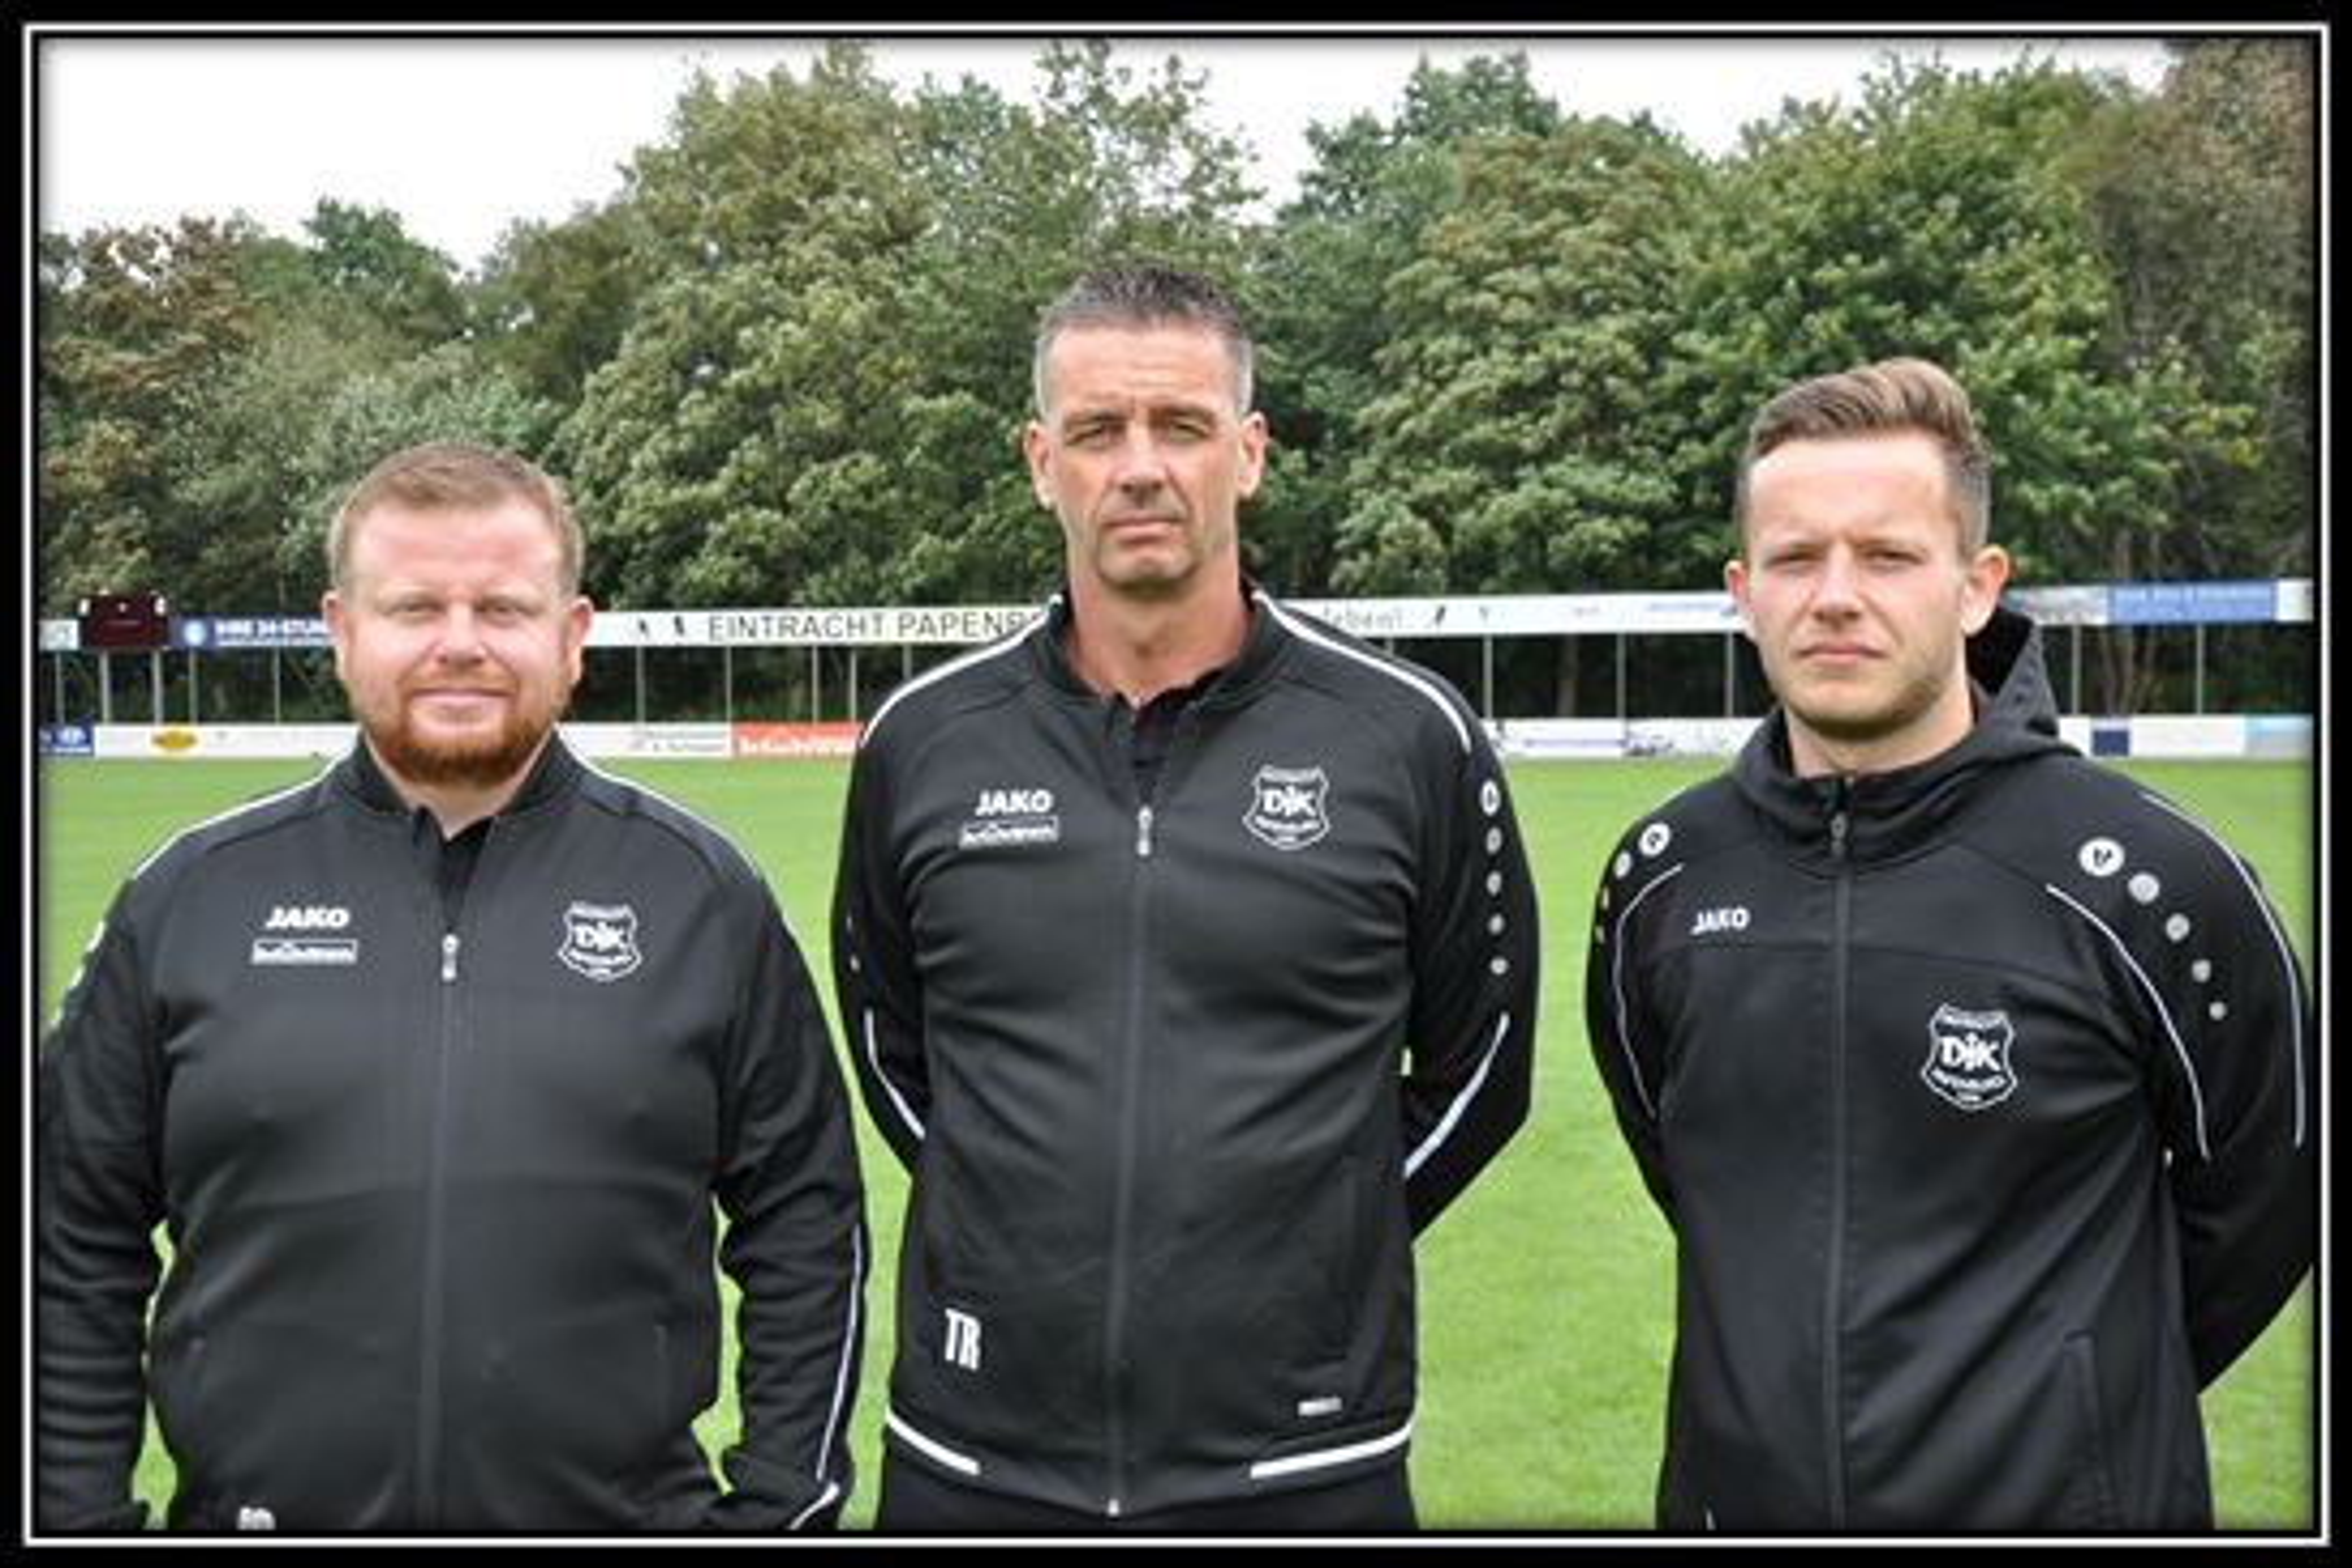 Fußballobmann Jens Schipmann, Trainer Thomas Dreesmann und Betreuer Markus Tammen